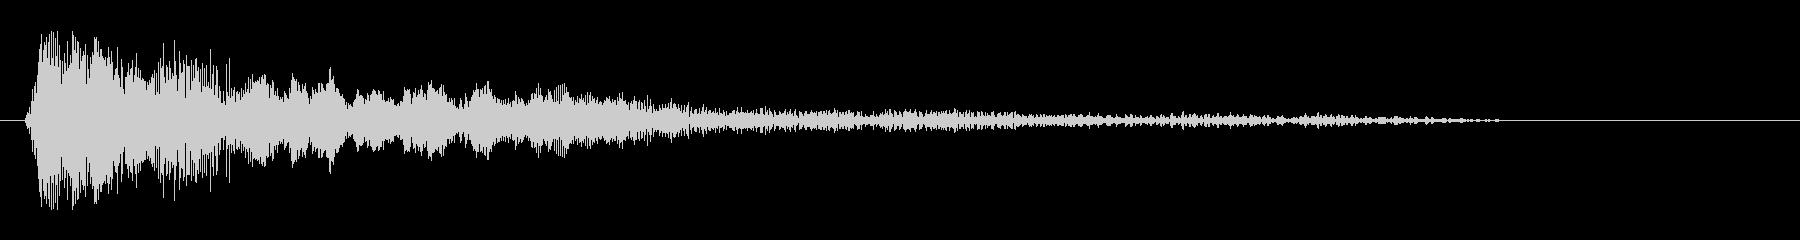 キュキューンと聞こえる高めの効果音の未再生の波形